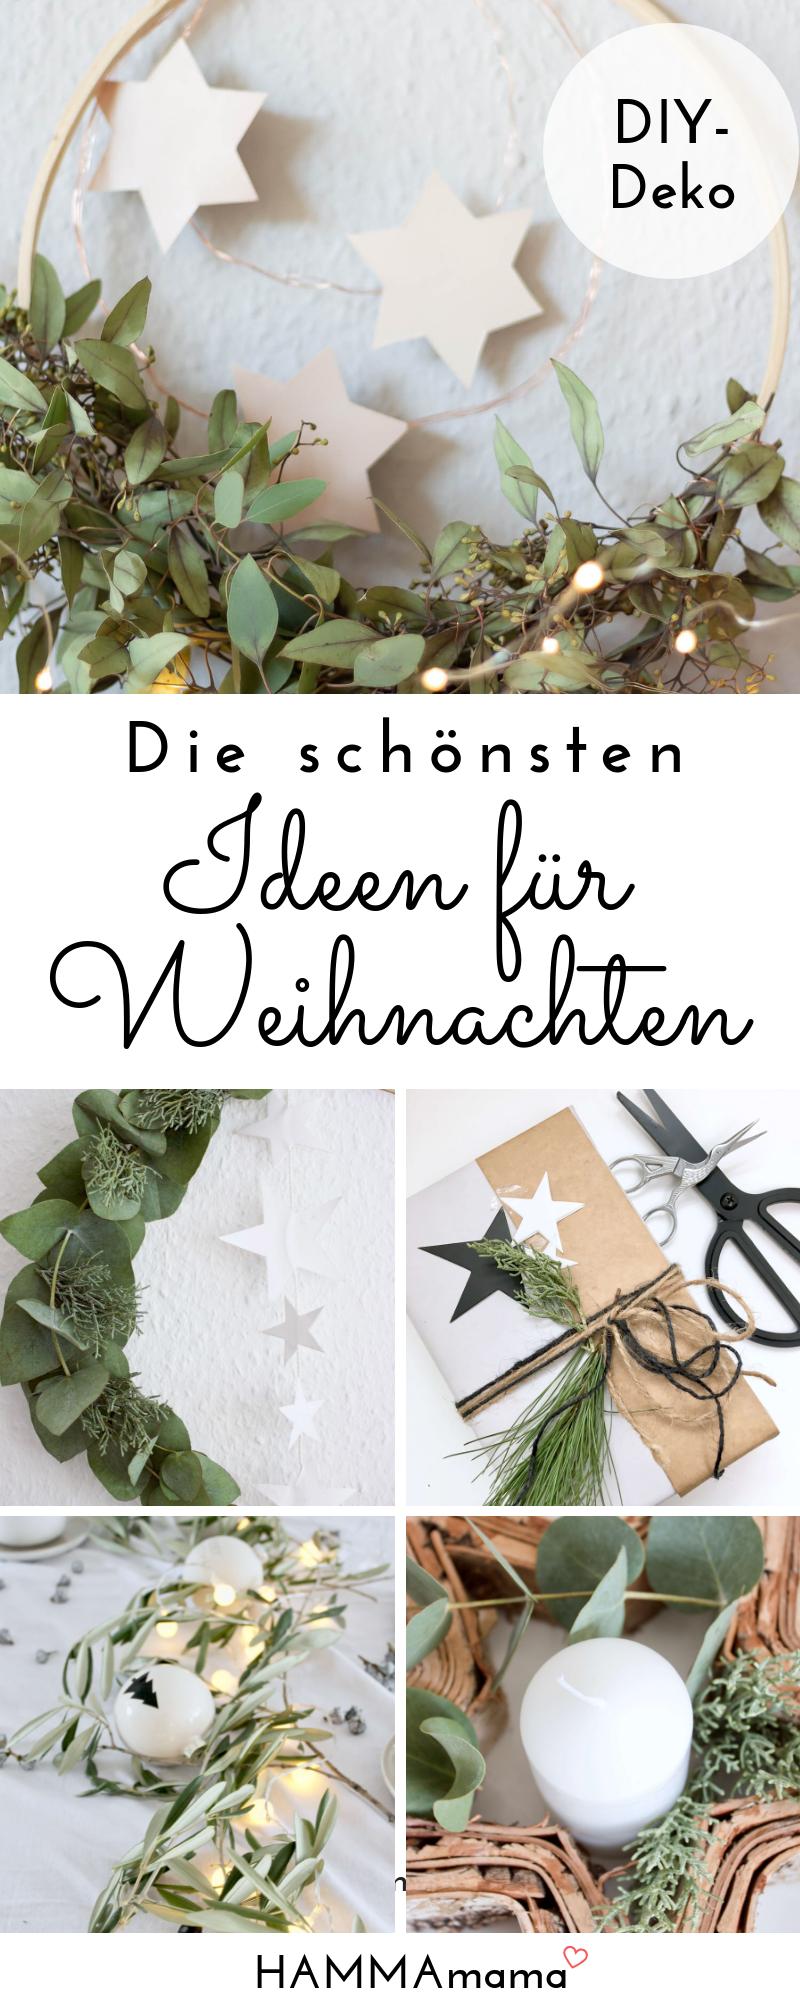 Diy Ideen Weihnachten.Die Schönsten Diy Ideen Für Weihnachten Zum Selber Machen Diy